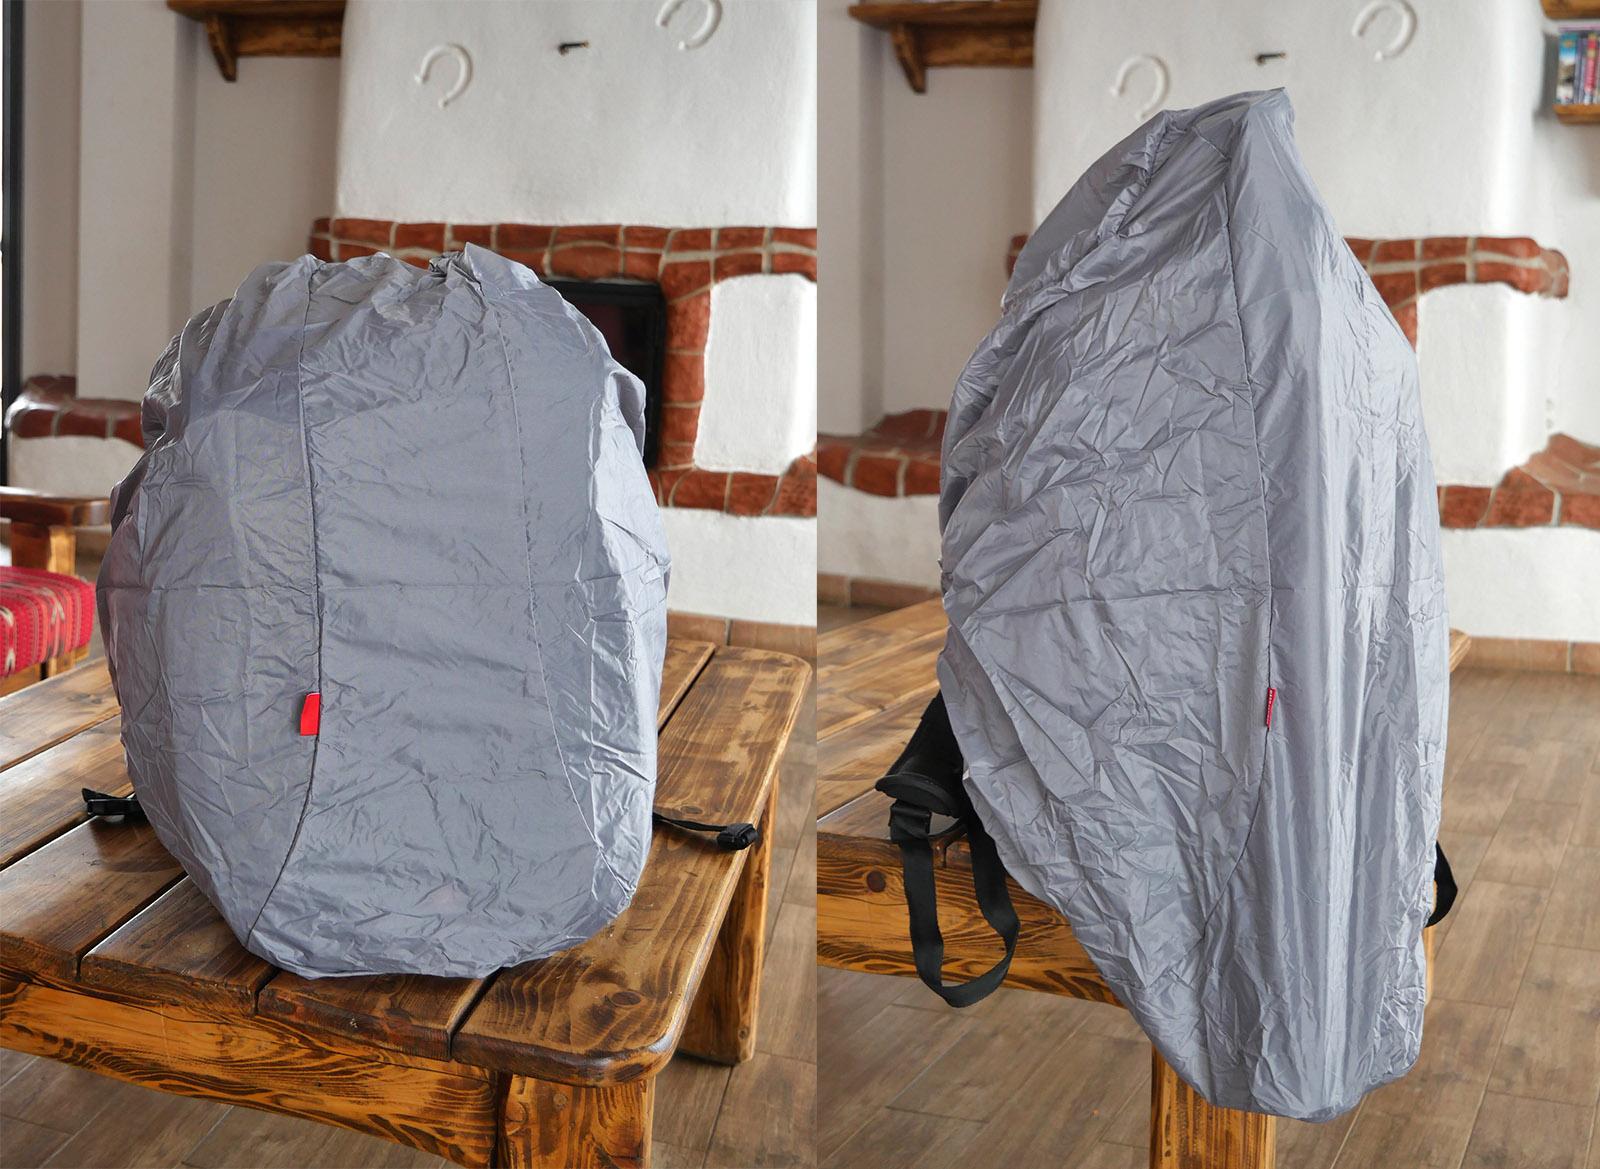 Husa de ploaie a rucsacului poate proteja si trepiedul